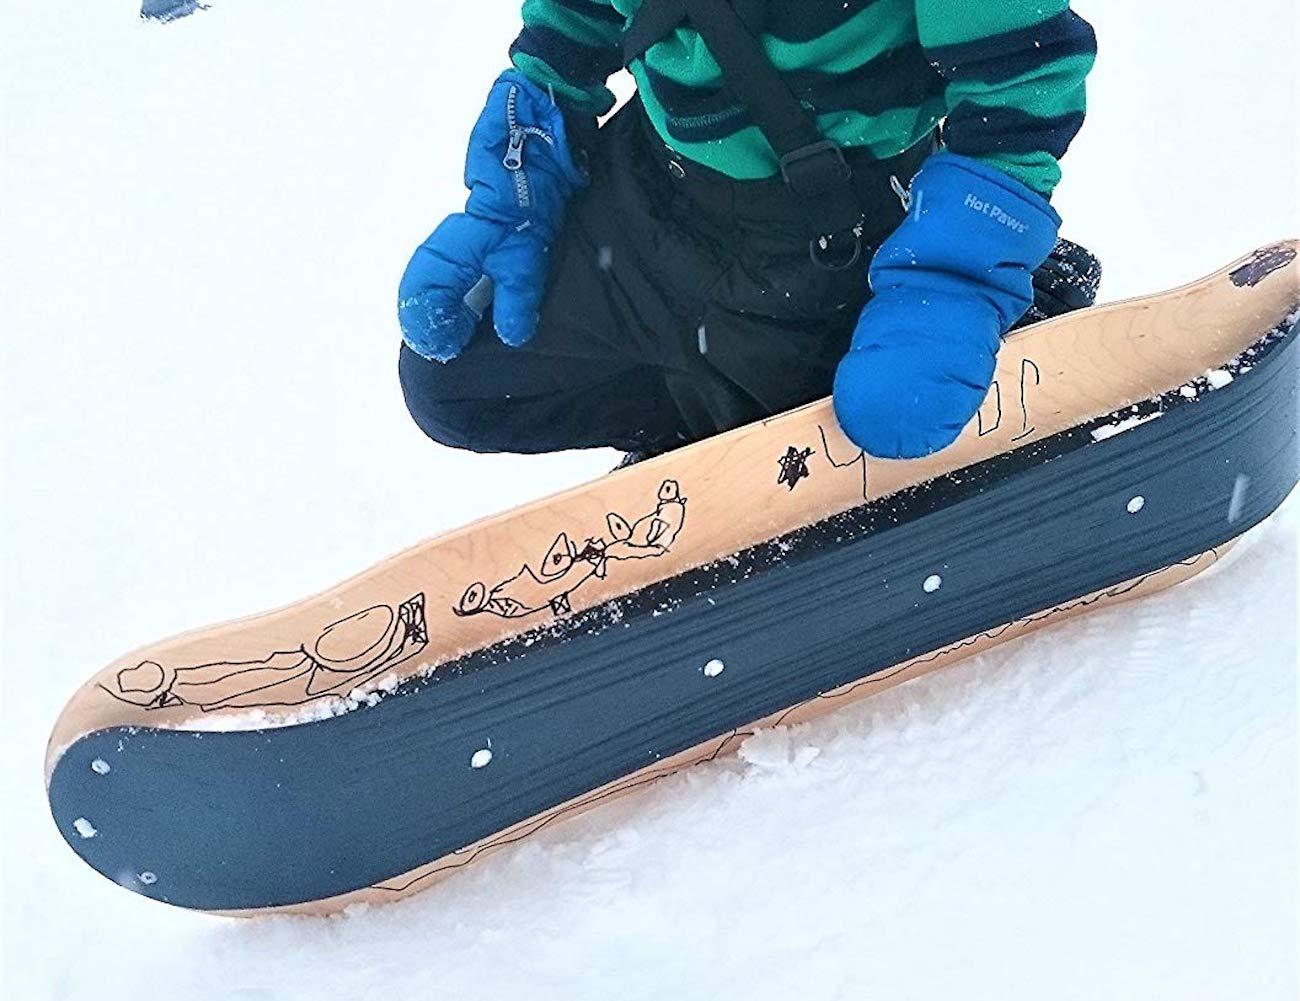 Agog Sports SLOPEDECK Hybrid Snow Skateboard